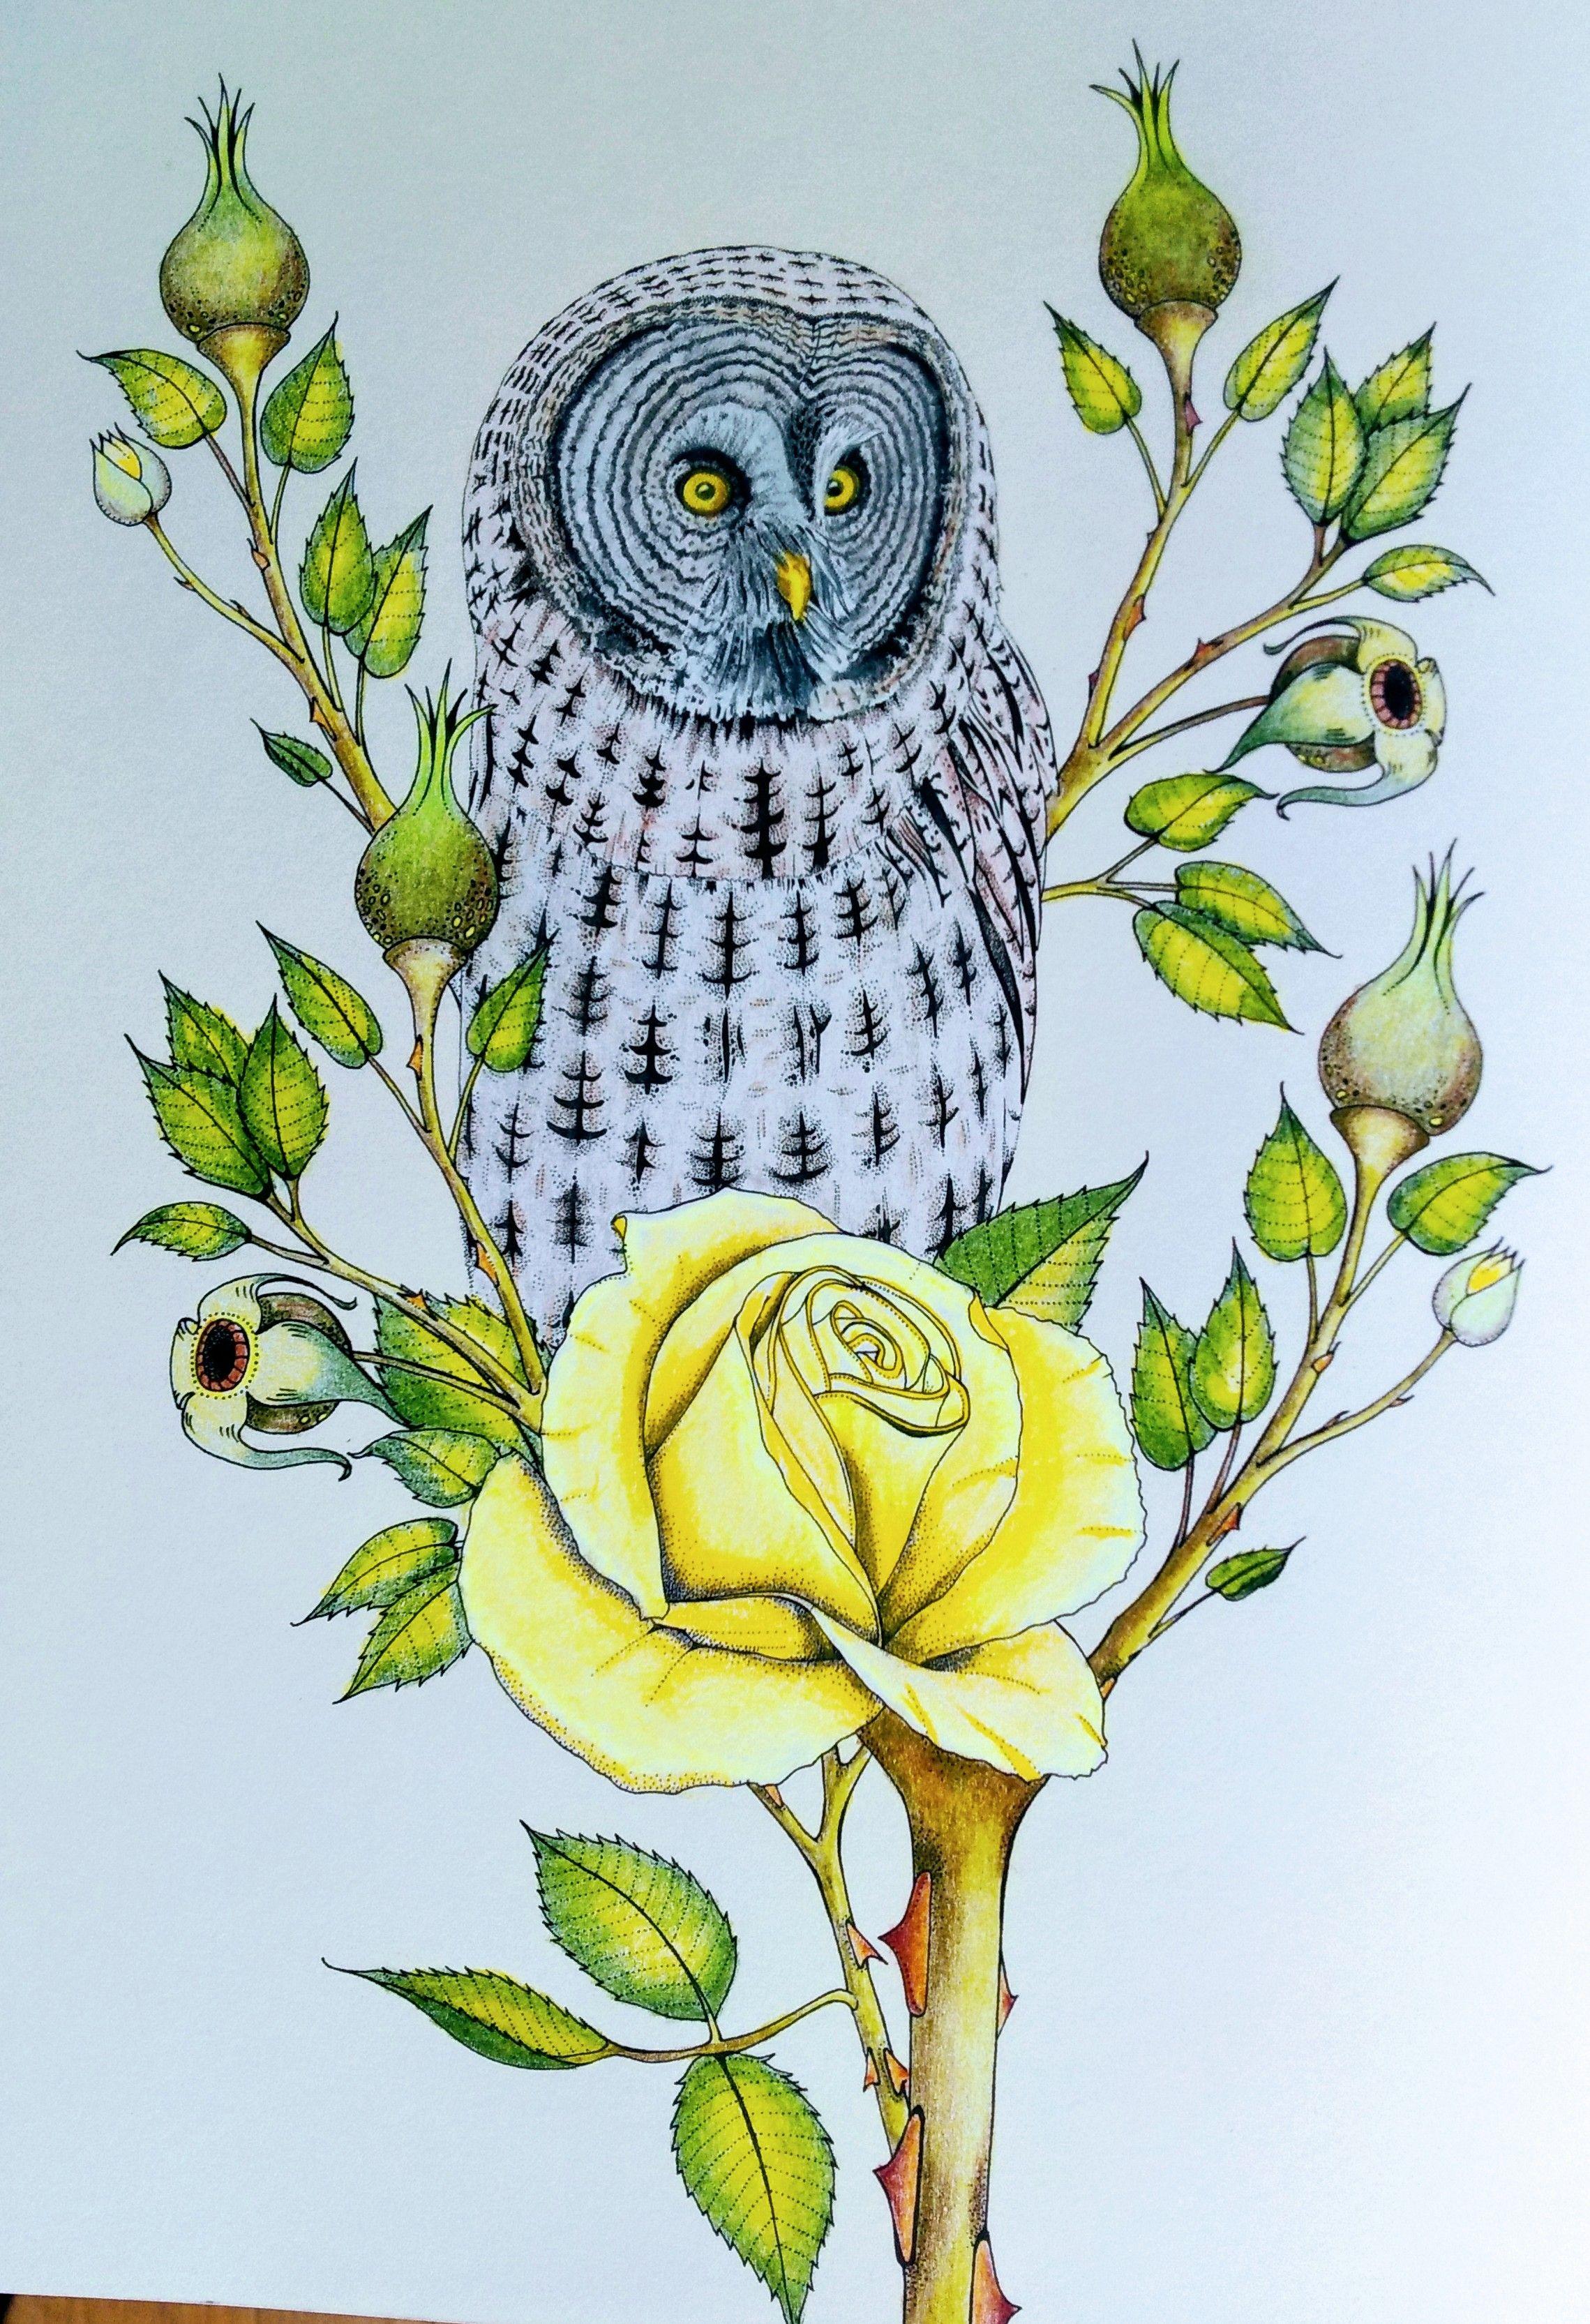 uit het boek vogel paradijs van daisy fletcher  from the